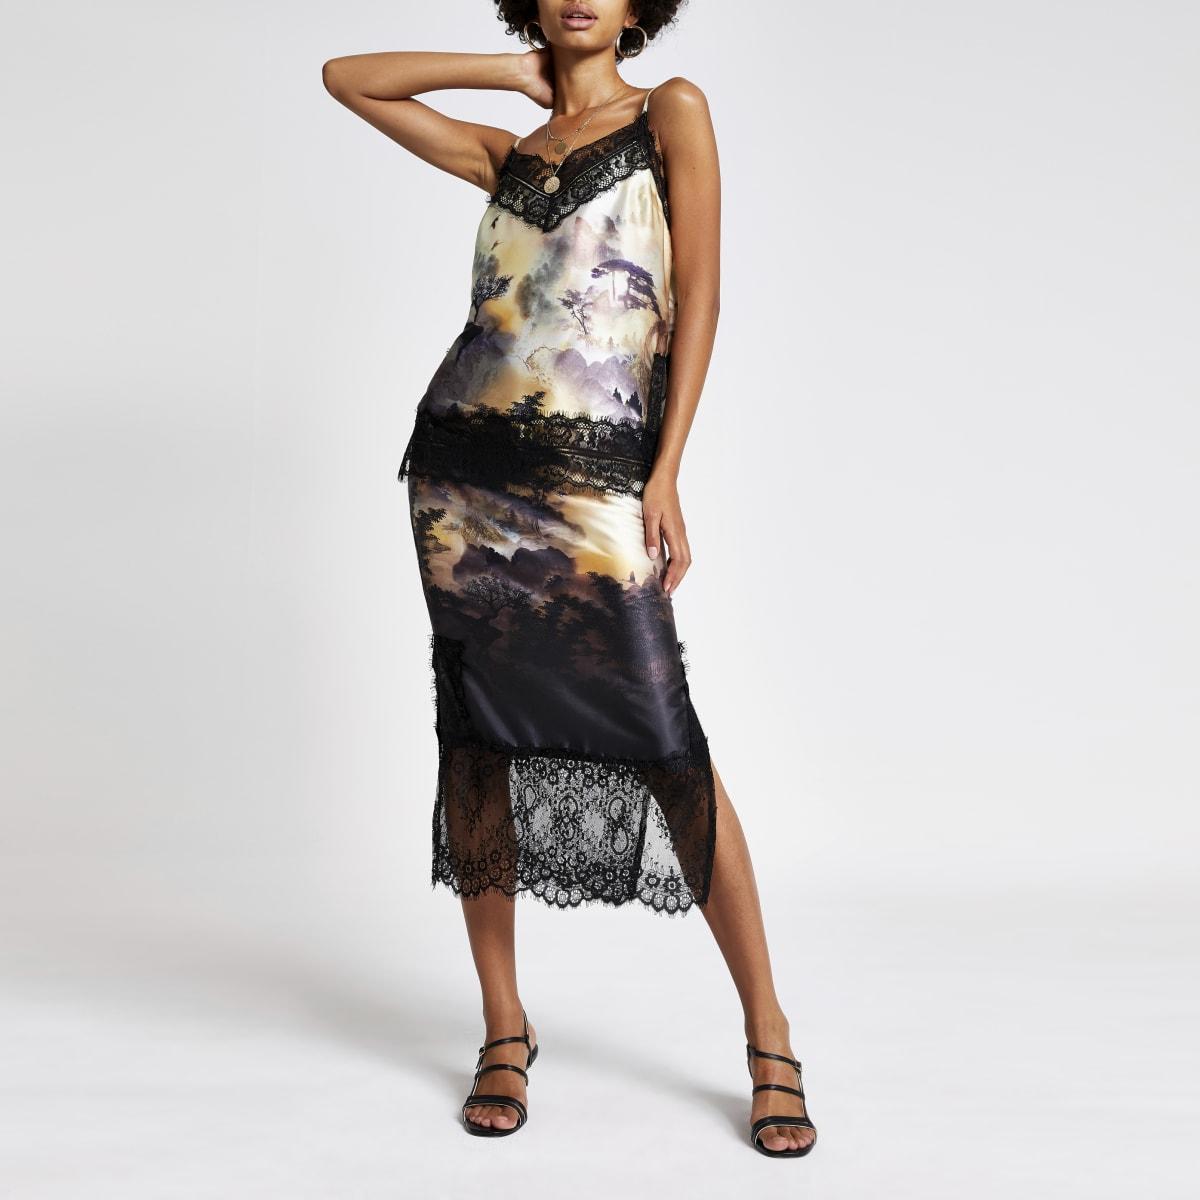 Jupe mi-longue noire avec imprimés et bordure en dentelle